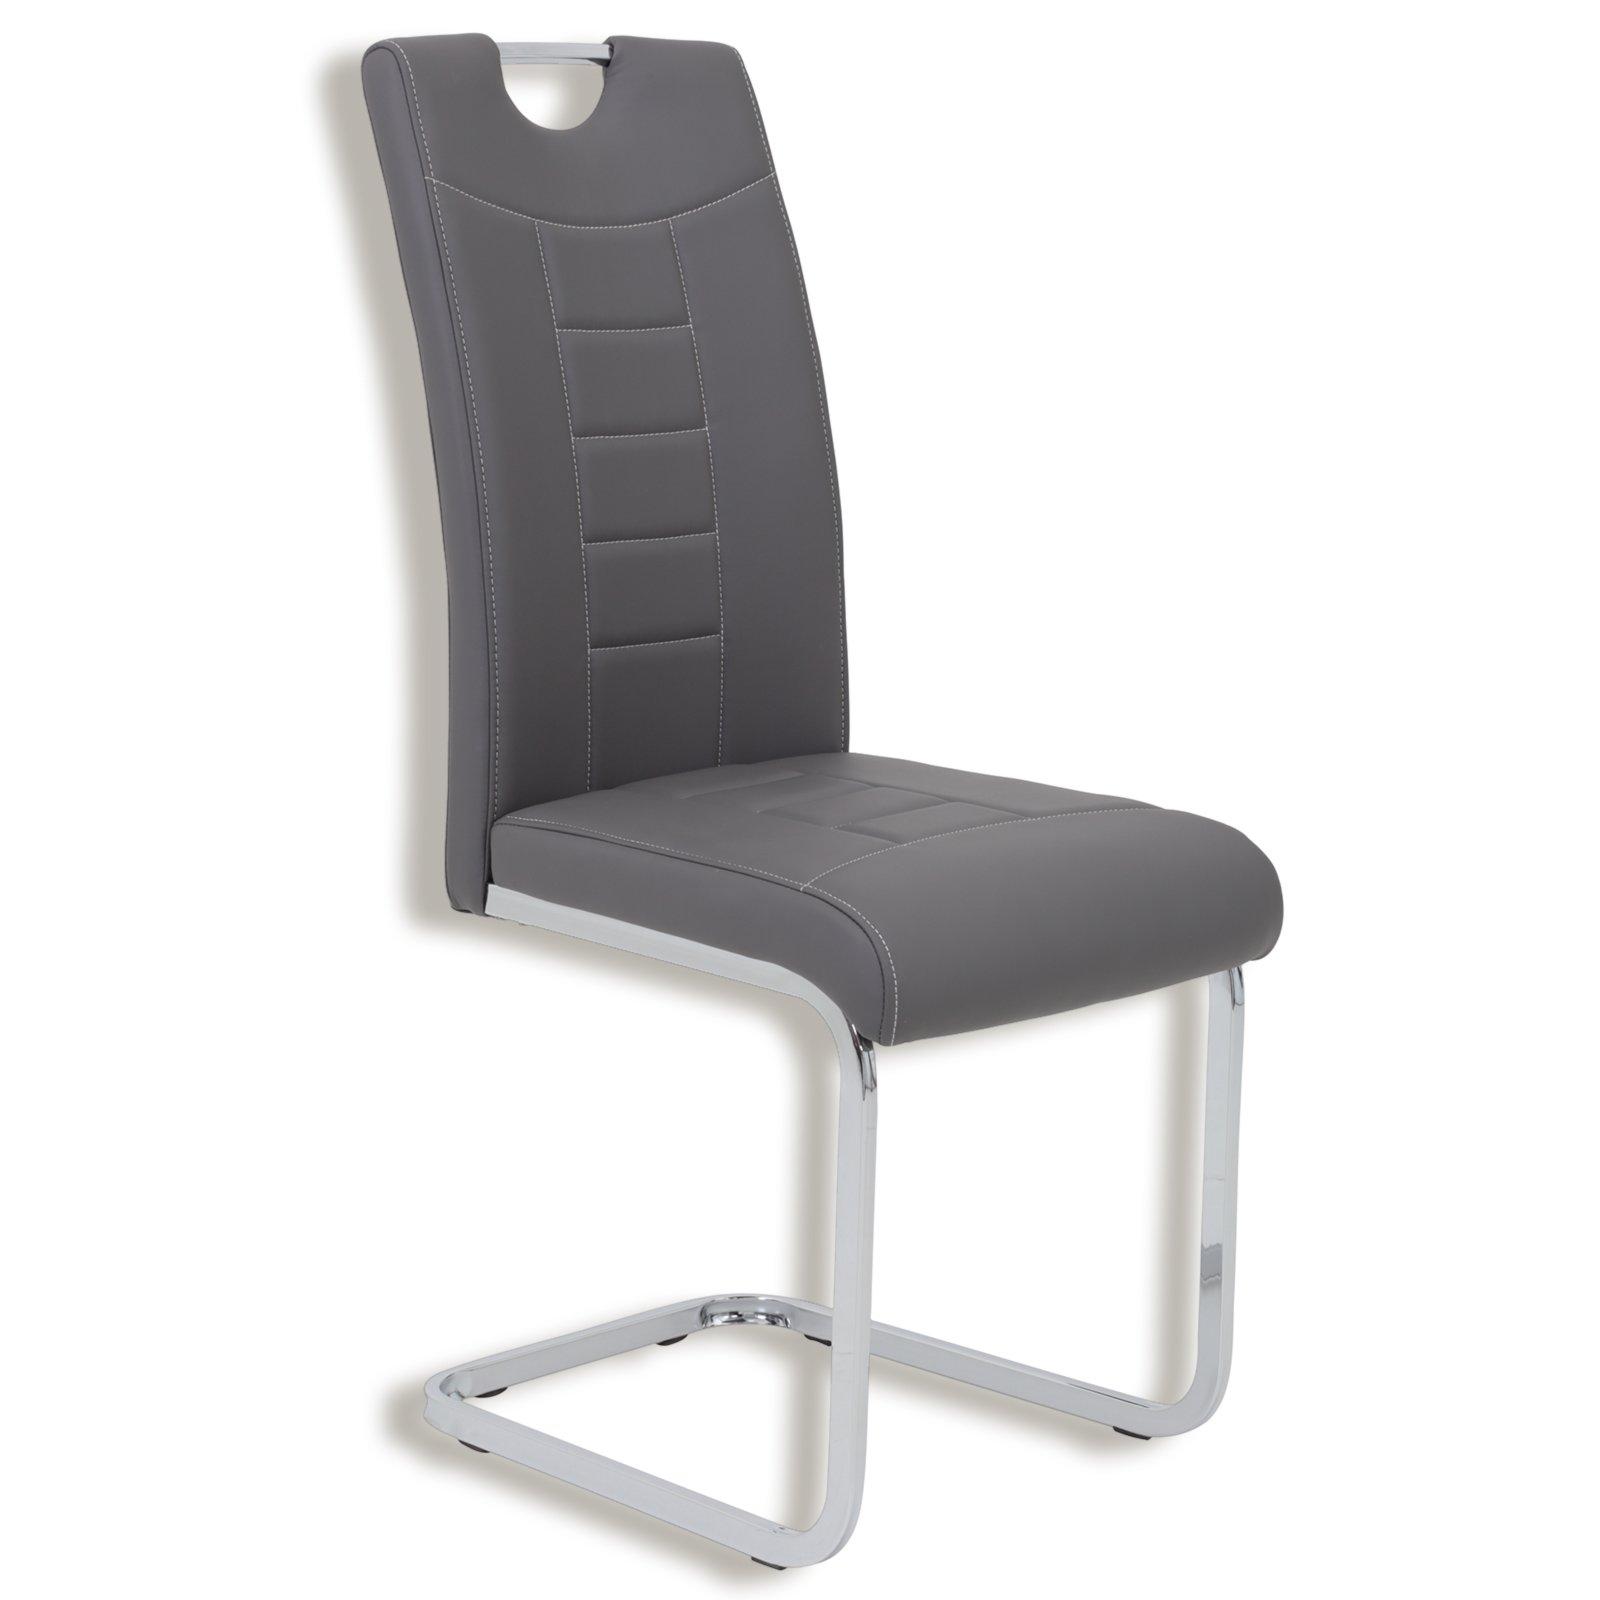 hocker freischwinger preisvergleich. Black Bedroom Furniture Sets. Home Design Ideas